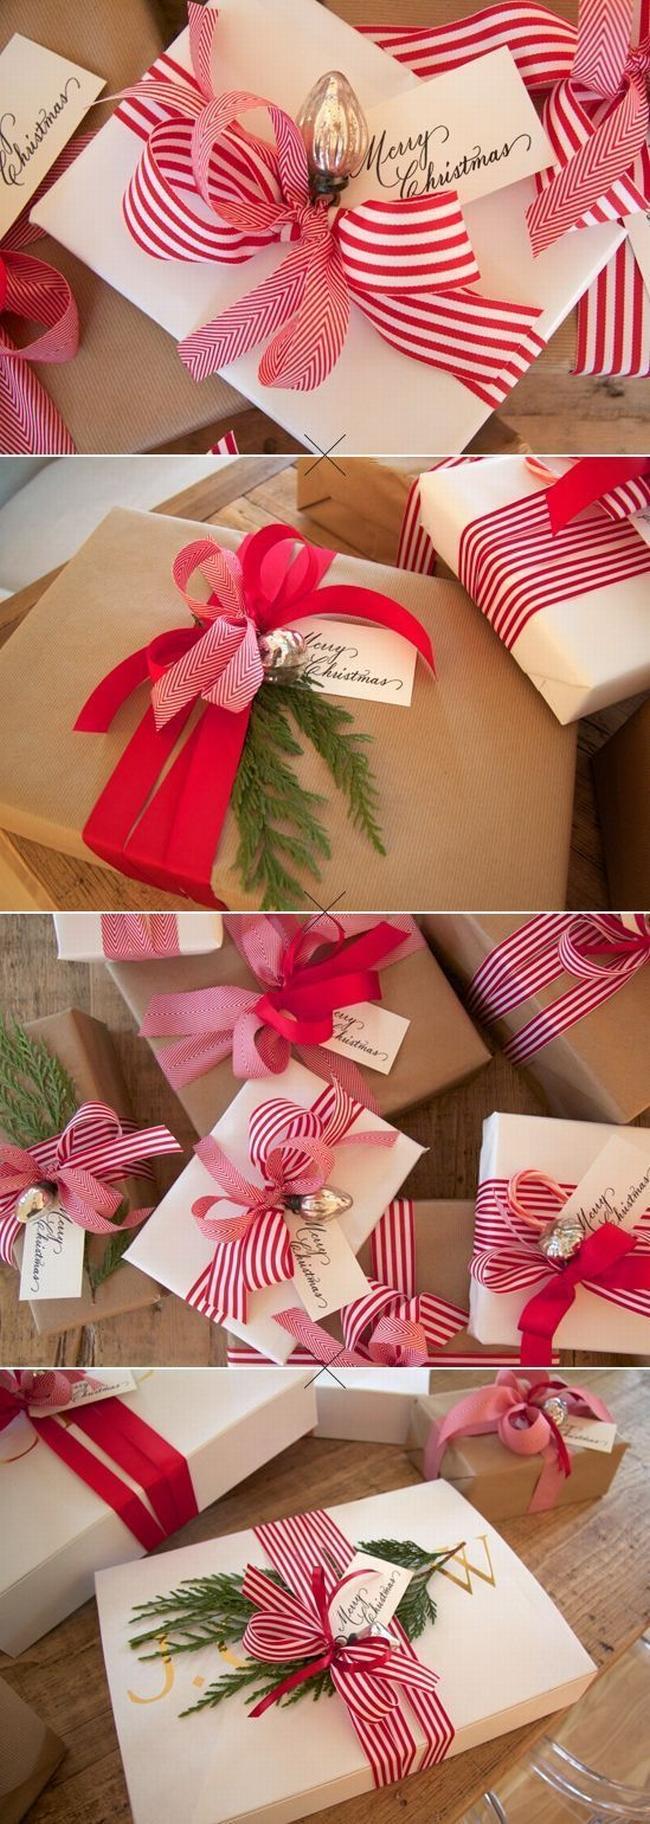 pakowanie prezentów na swięta prosto i modnie 1501